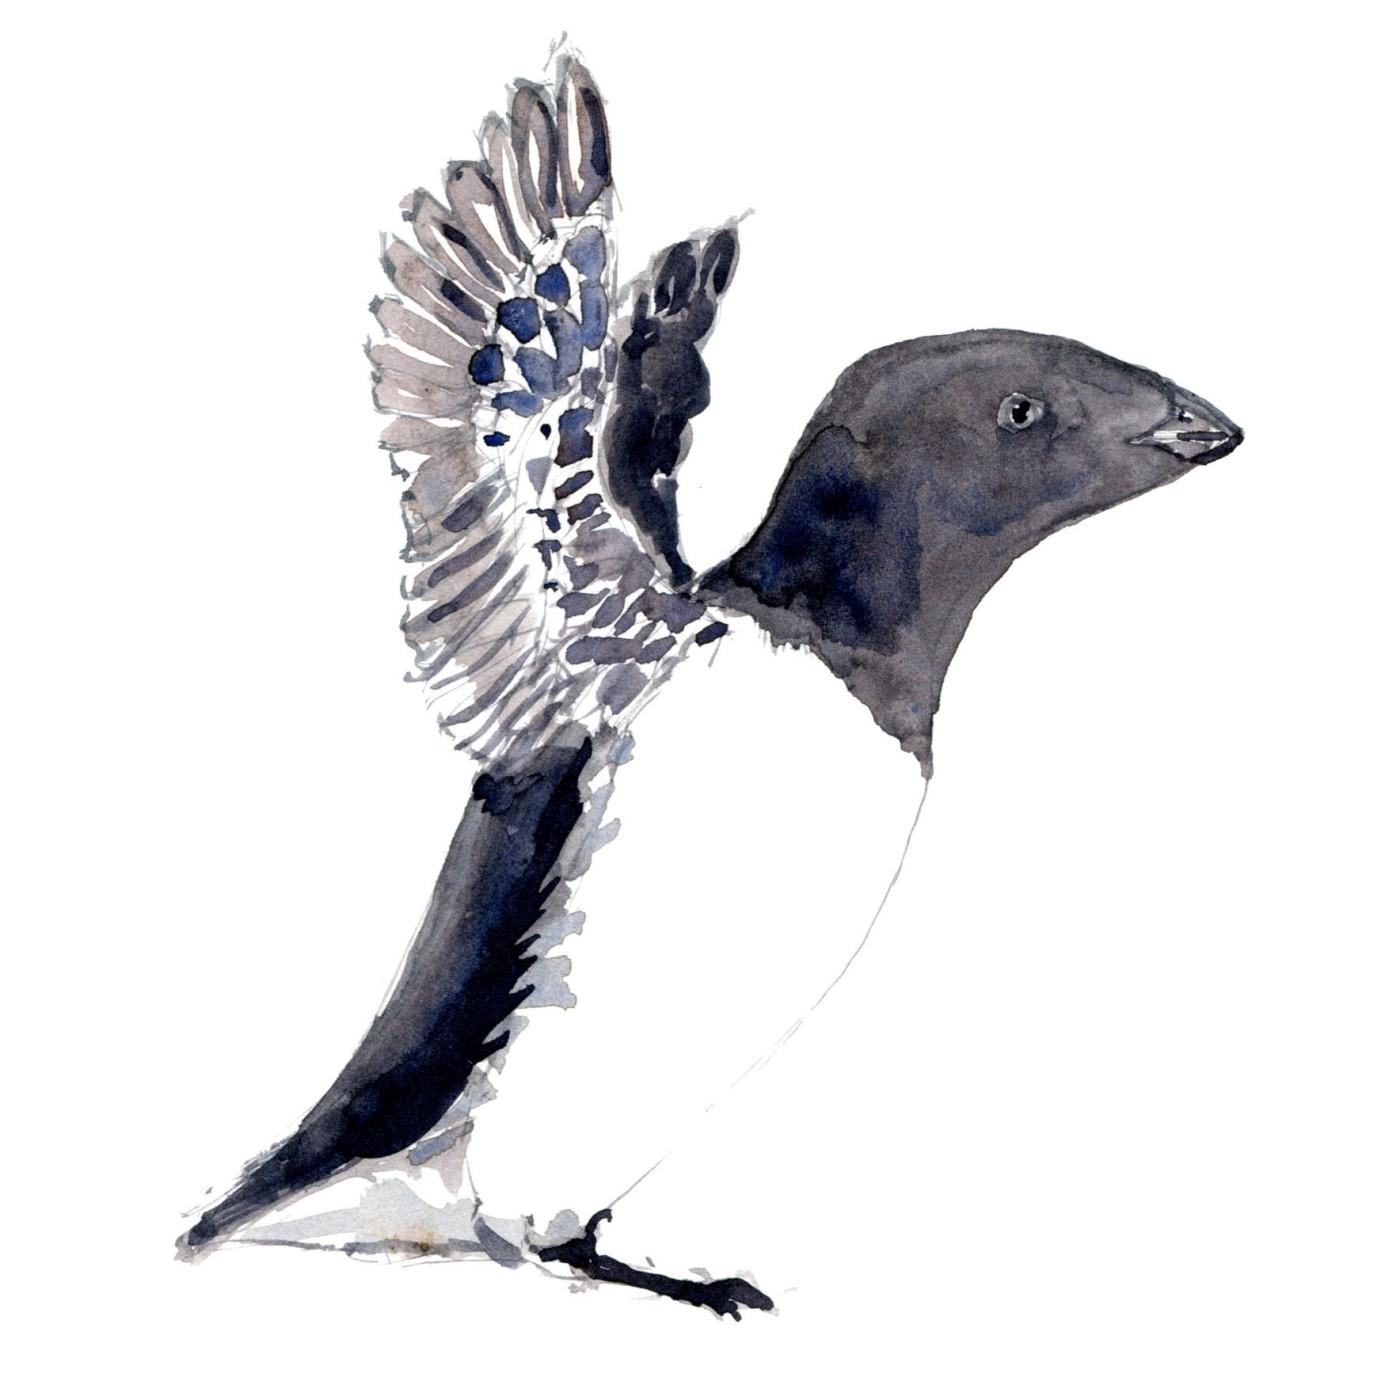 Alk fugle akvarel af Frits Ahlefeldt, Biodiversitet i Danmark illustration